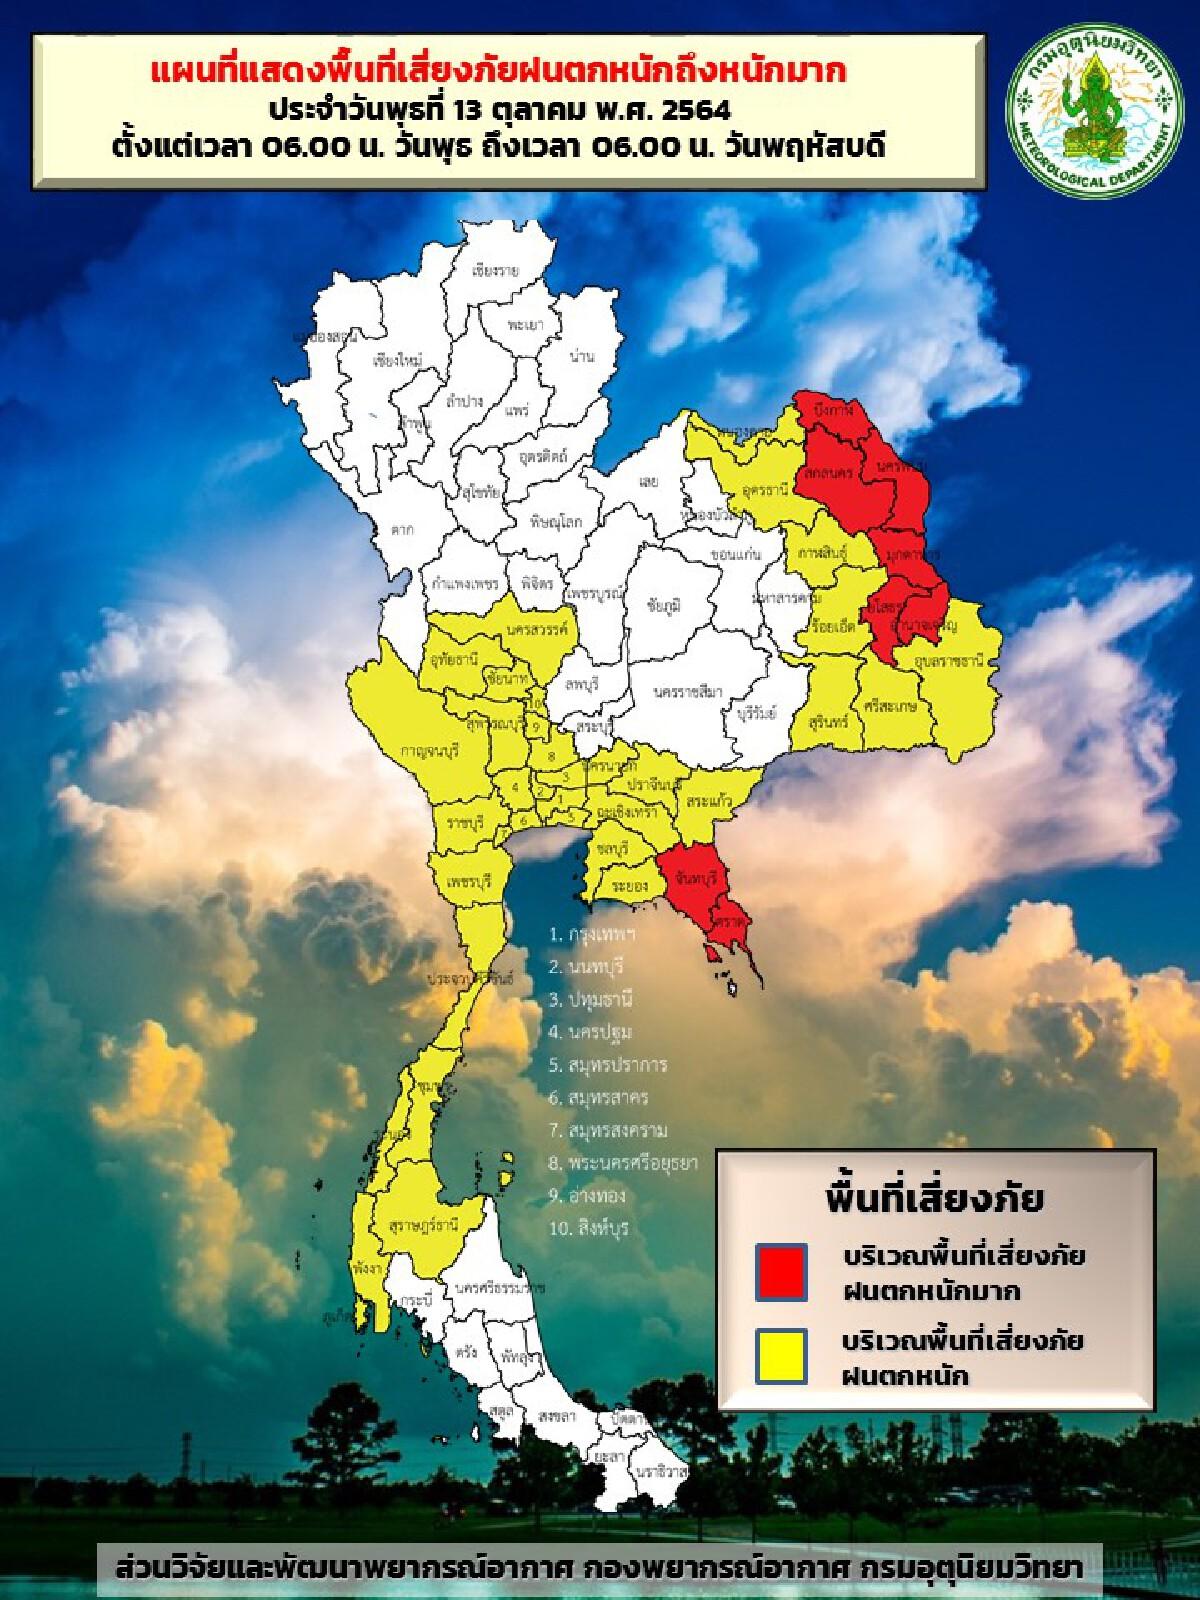 อุตุฯ เตือน  พายุคมปาซุ ฉบับที่ 5 ฝนถล่มหนักทุกภาค